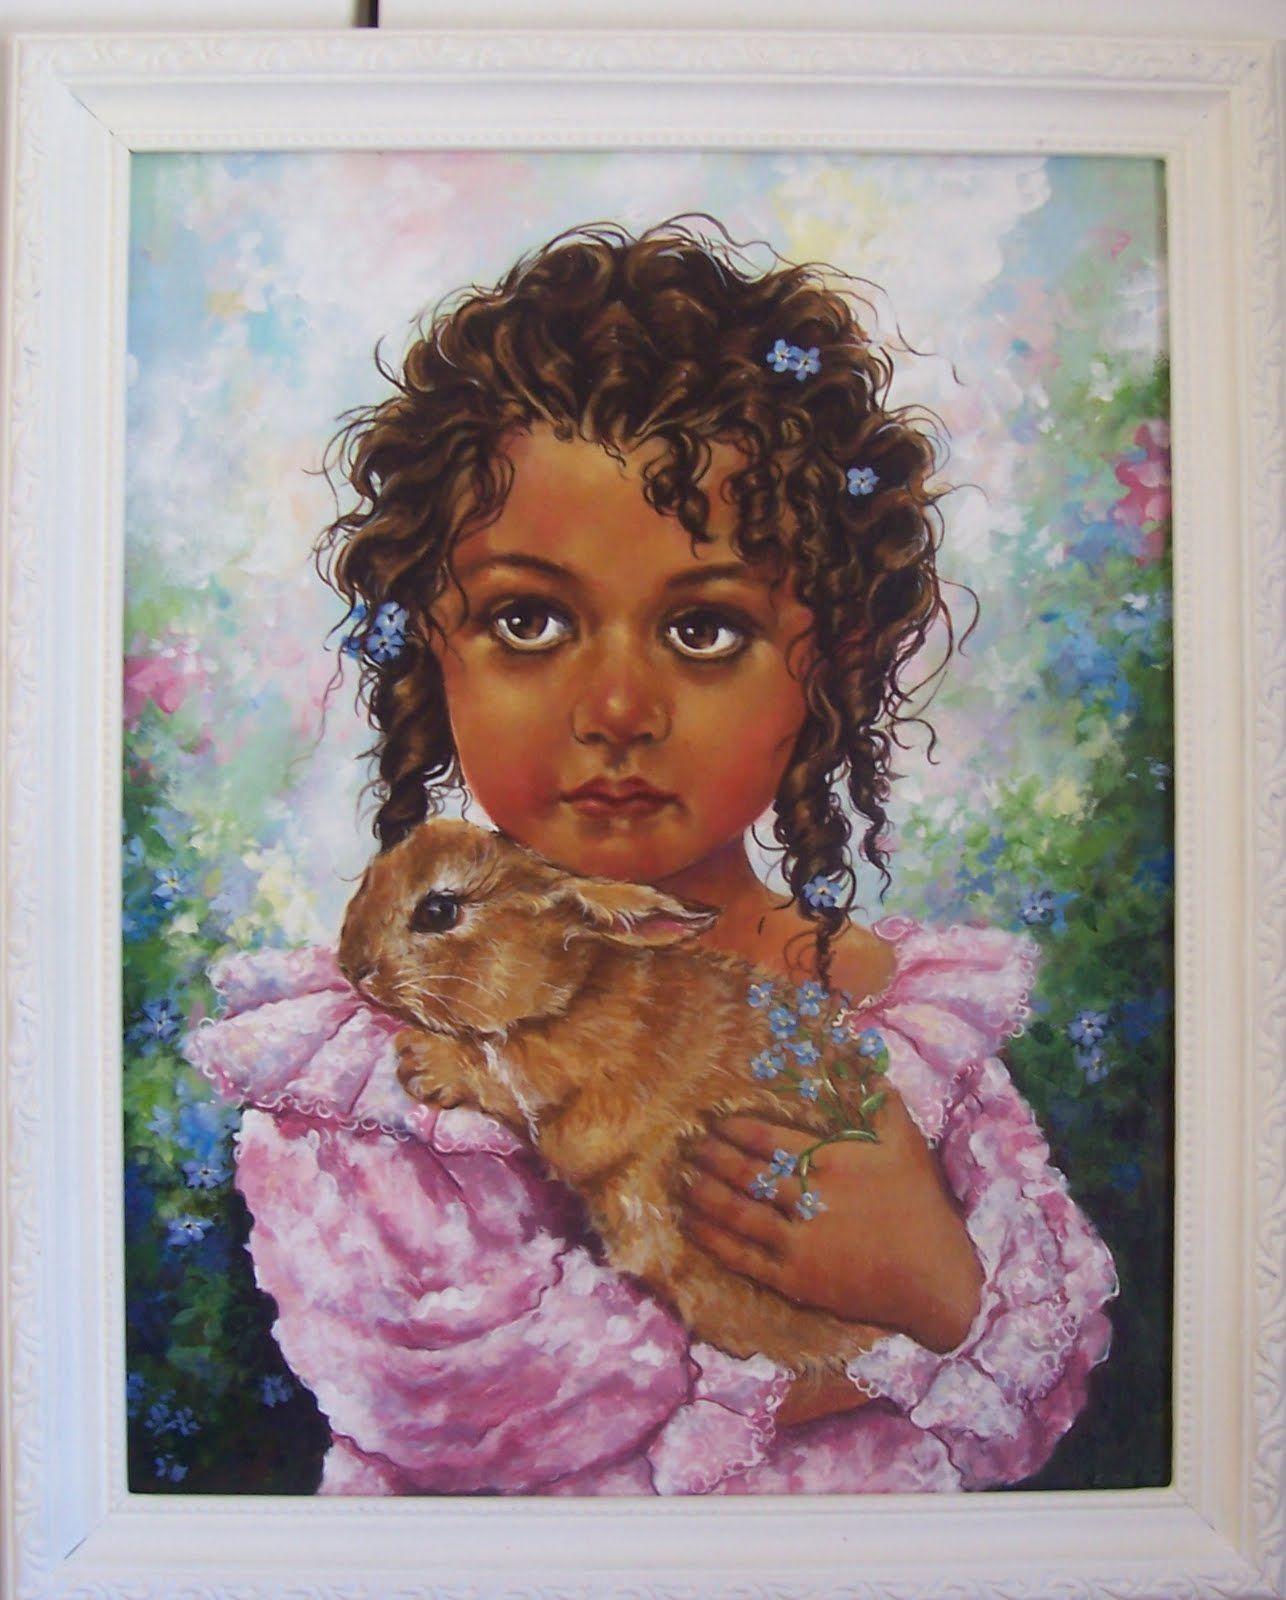 Jonny Petros Rabbit Girl http://jonnypetros.blogspot.com/